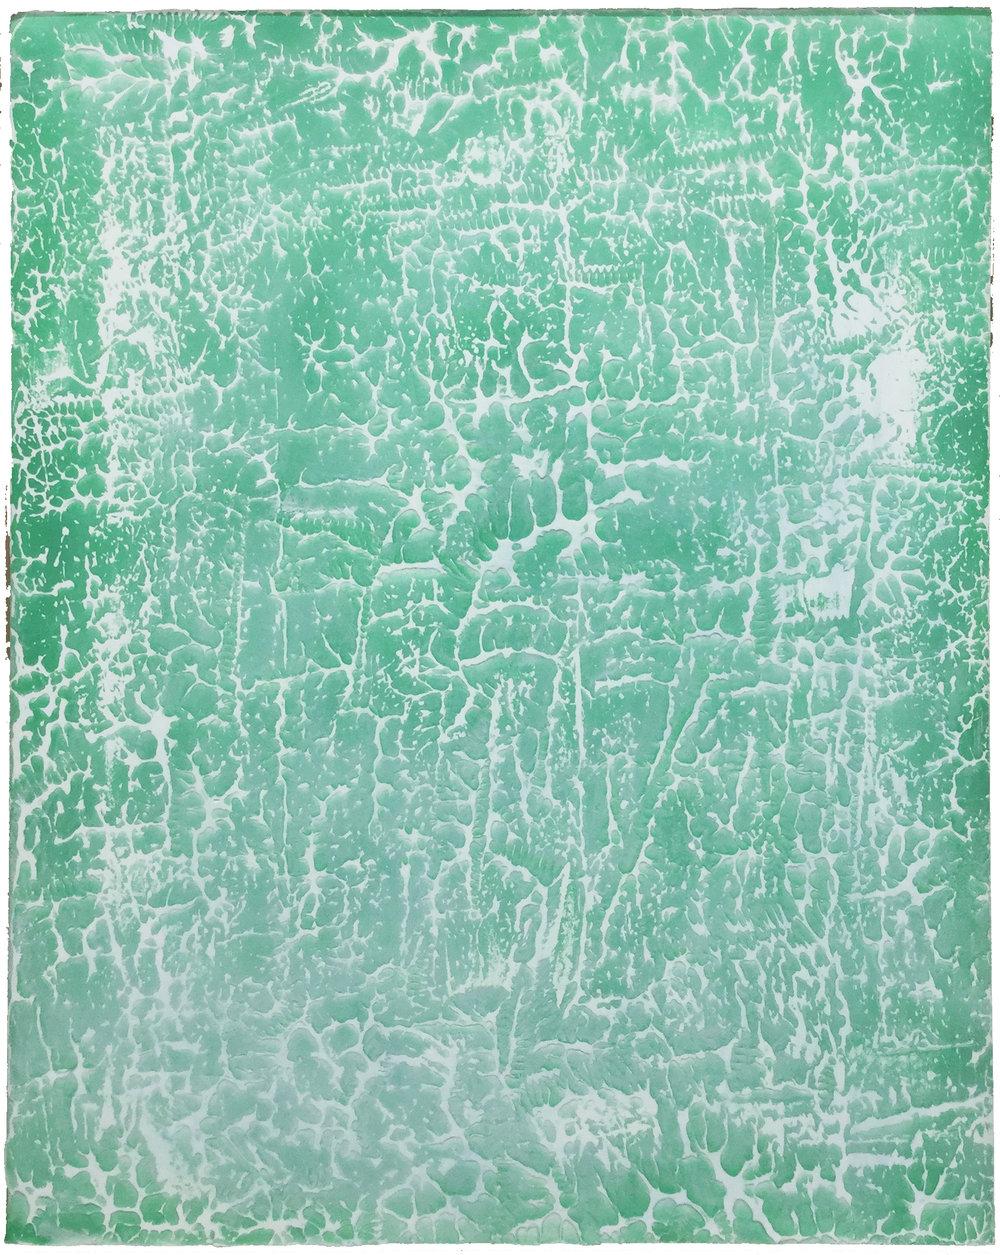 """Pierre Julien,  Ronchamp 03 , 2017, plâtre, acrylique et peinture aérosol sur gypse, 30"""" x 24"""" (76 x 61 cm)."""